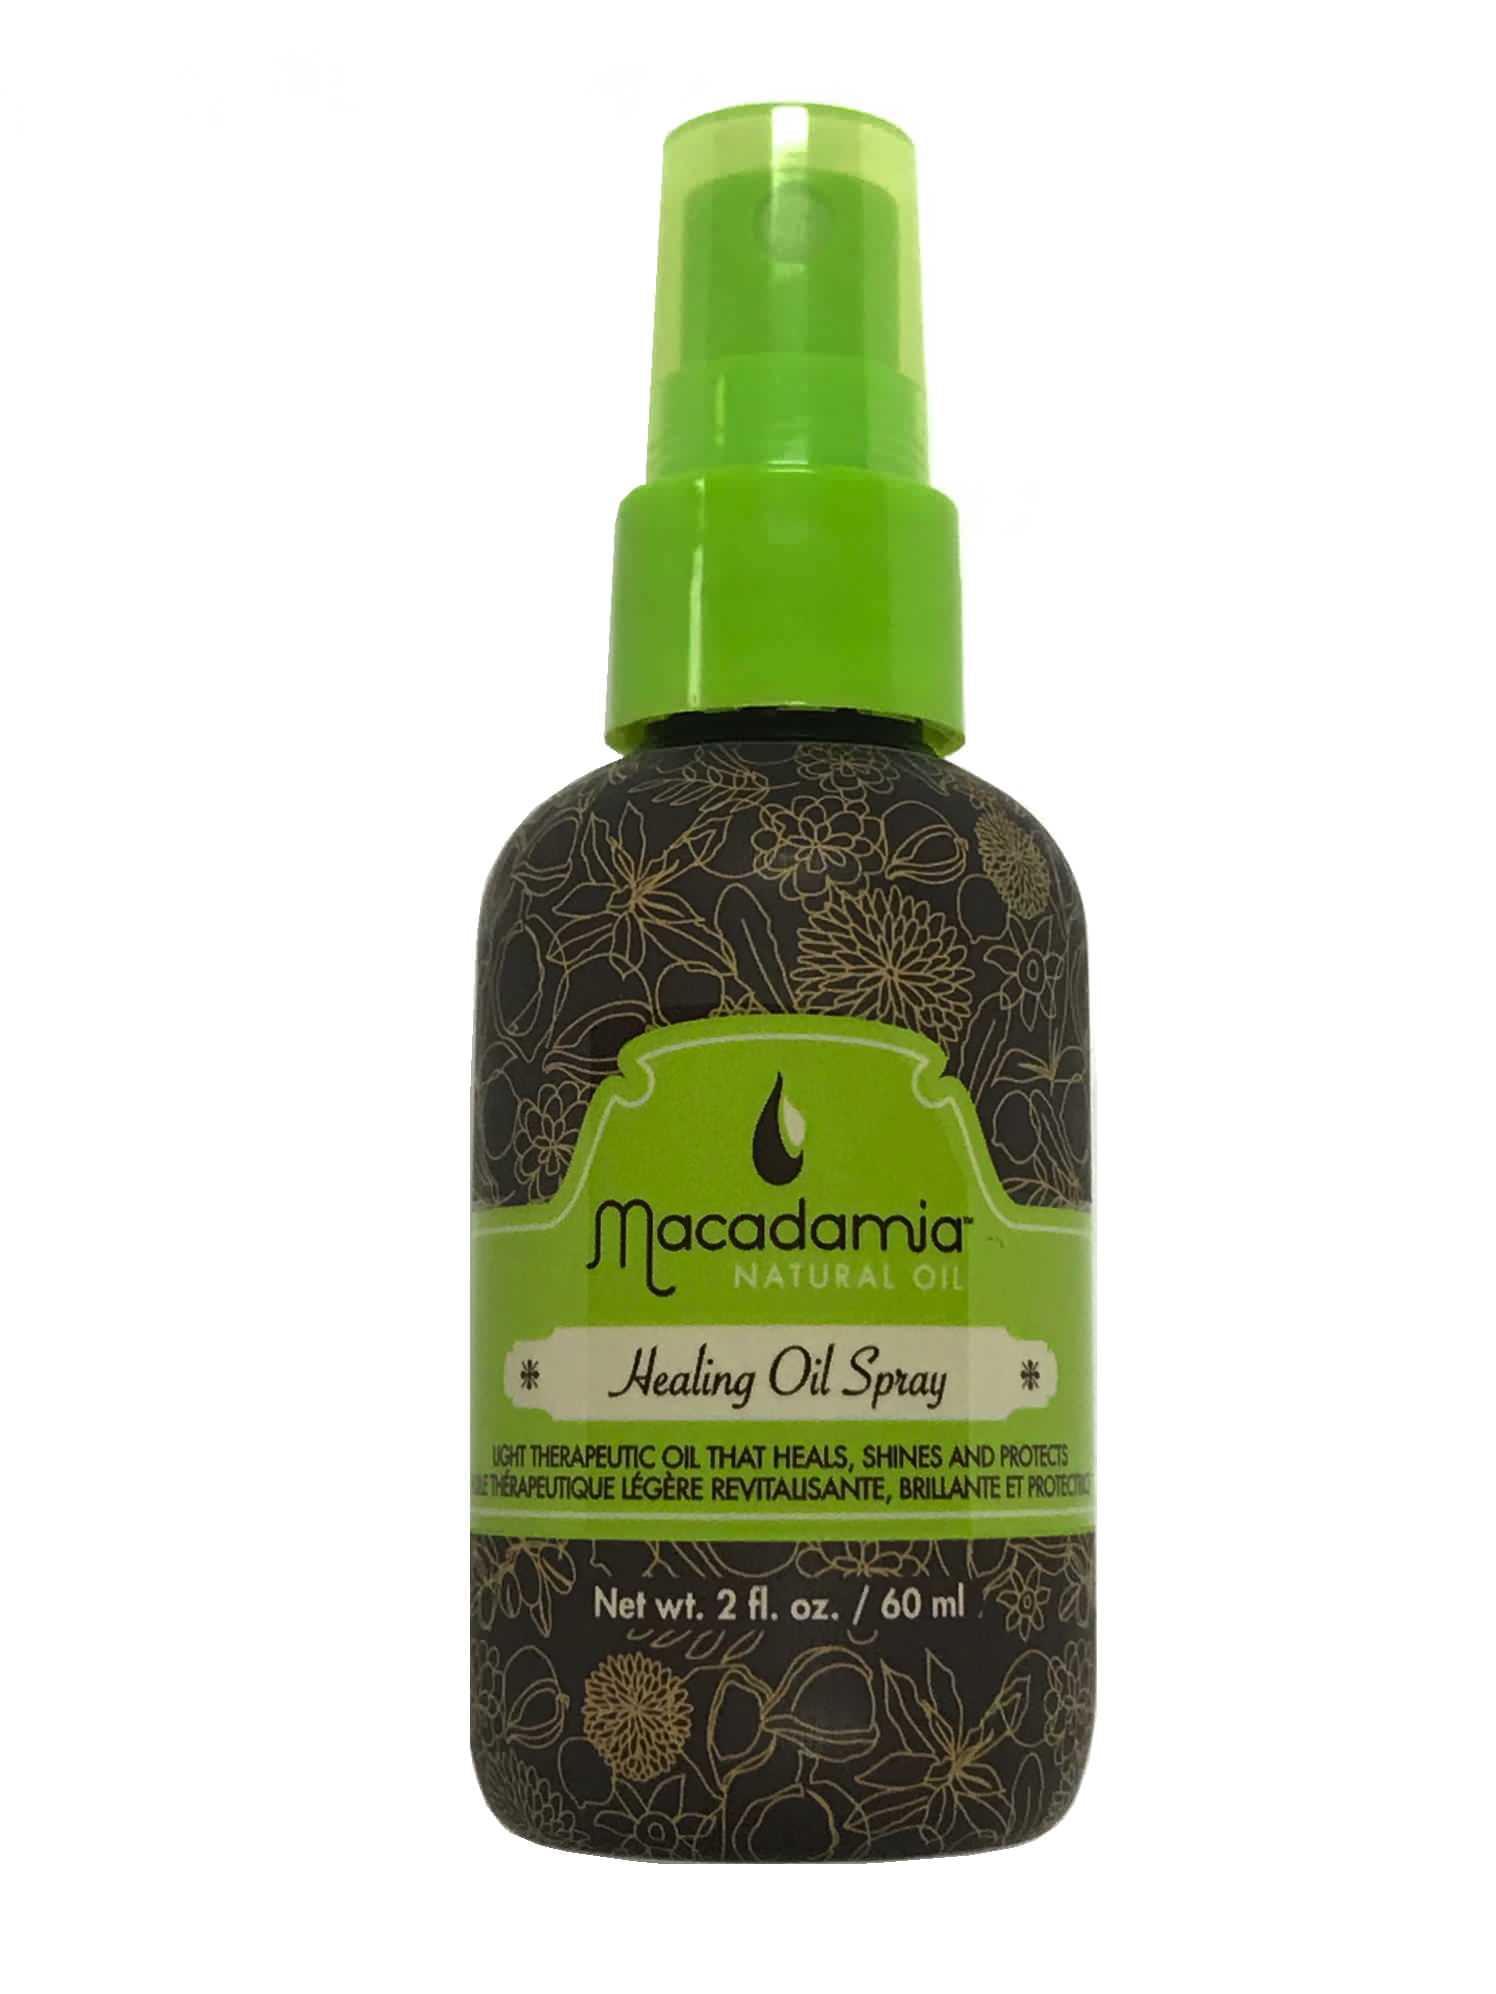 Macadamia Hair Care Healing Oil Spray 2 oz